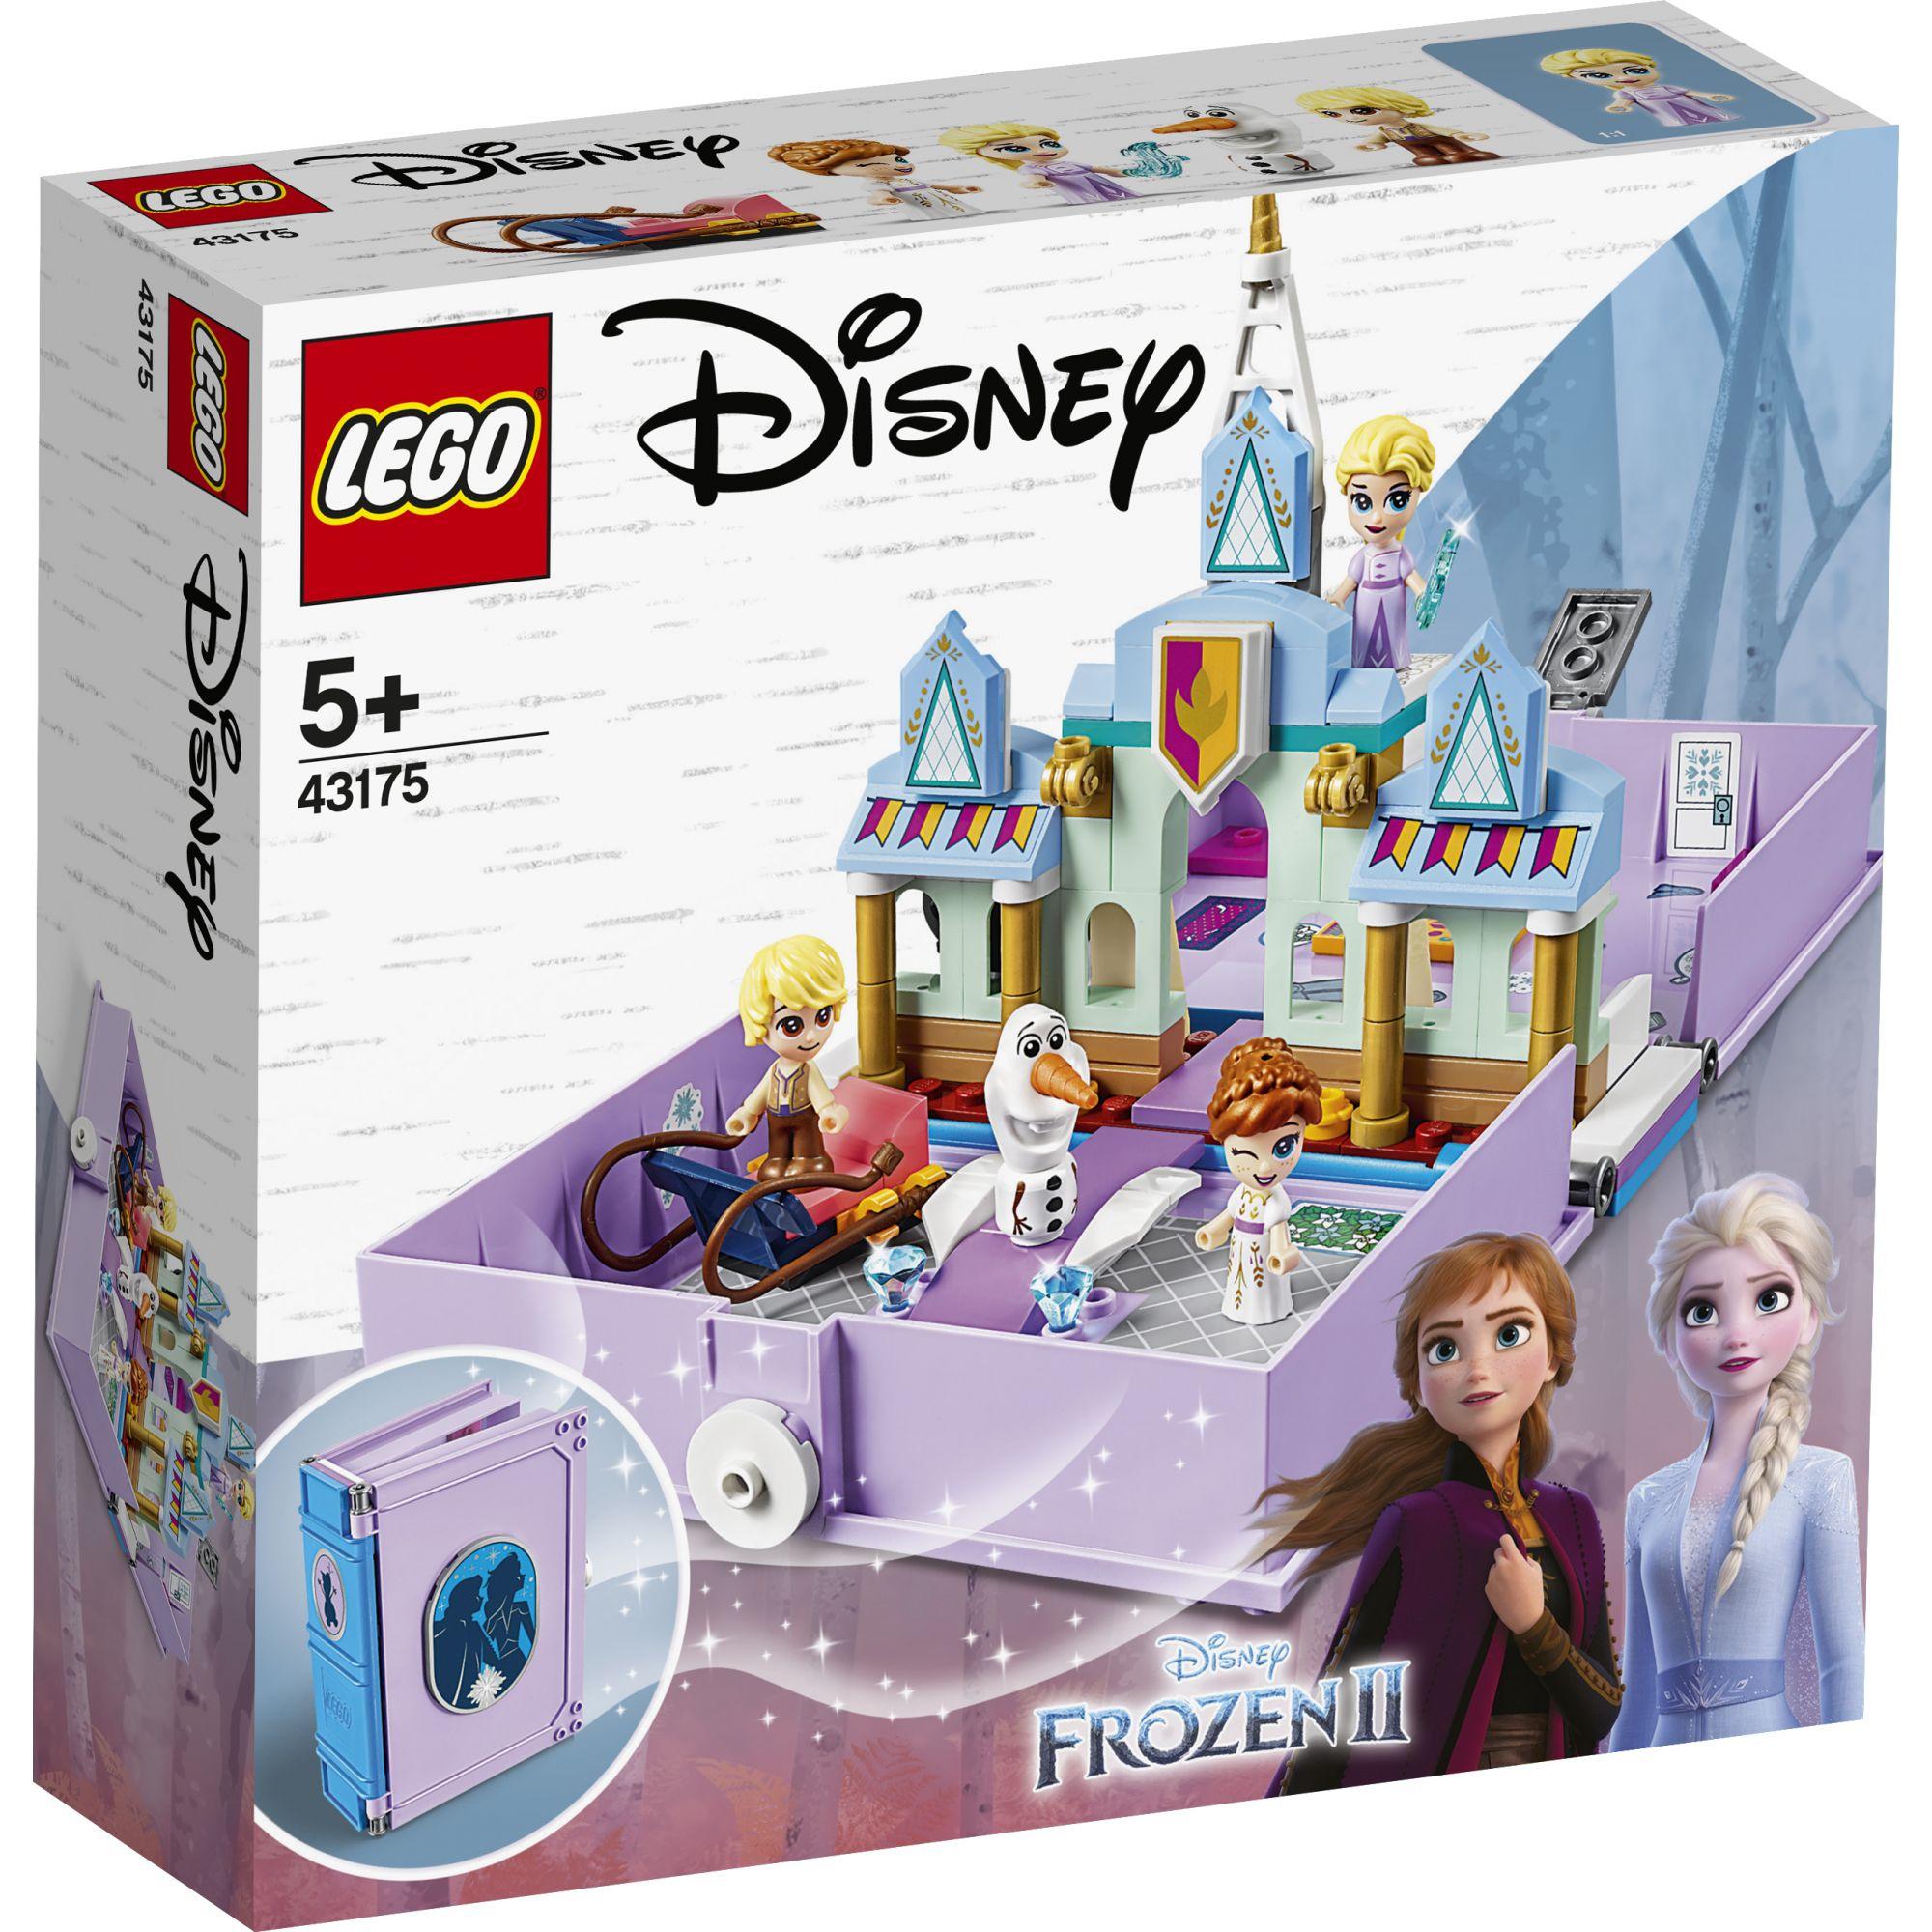 LEGO Disney Frozen Il libro delle fiabe di Anna ed Elsa - 43175